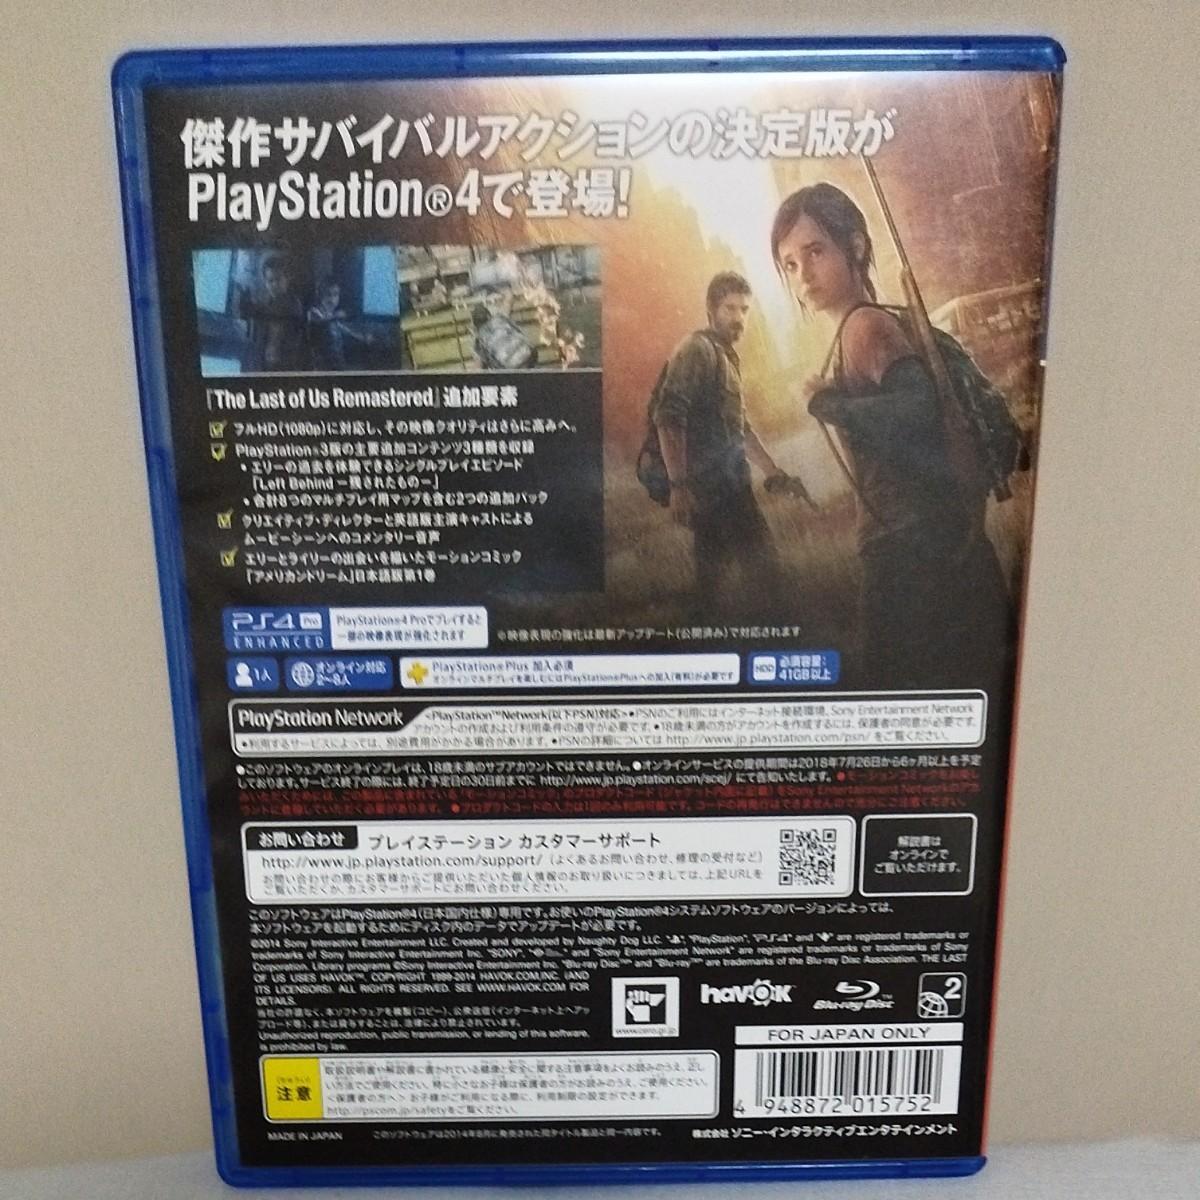 PS4中古2本 ジェダイ、THE LAST OF US ラストオブアス リマスタード